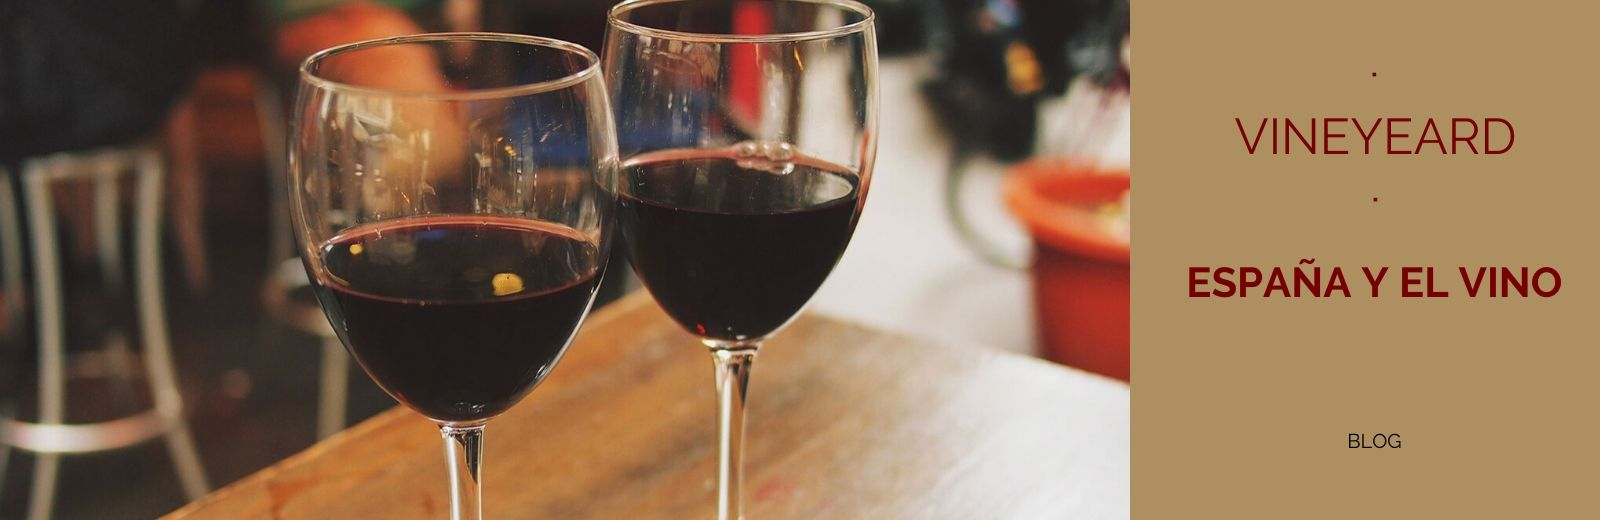 España y el vino